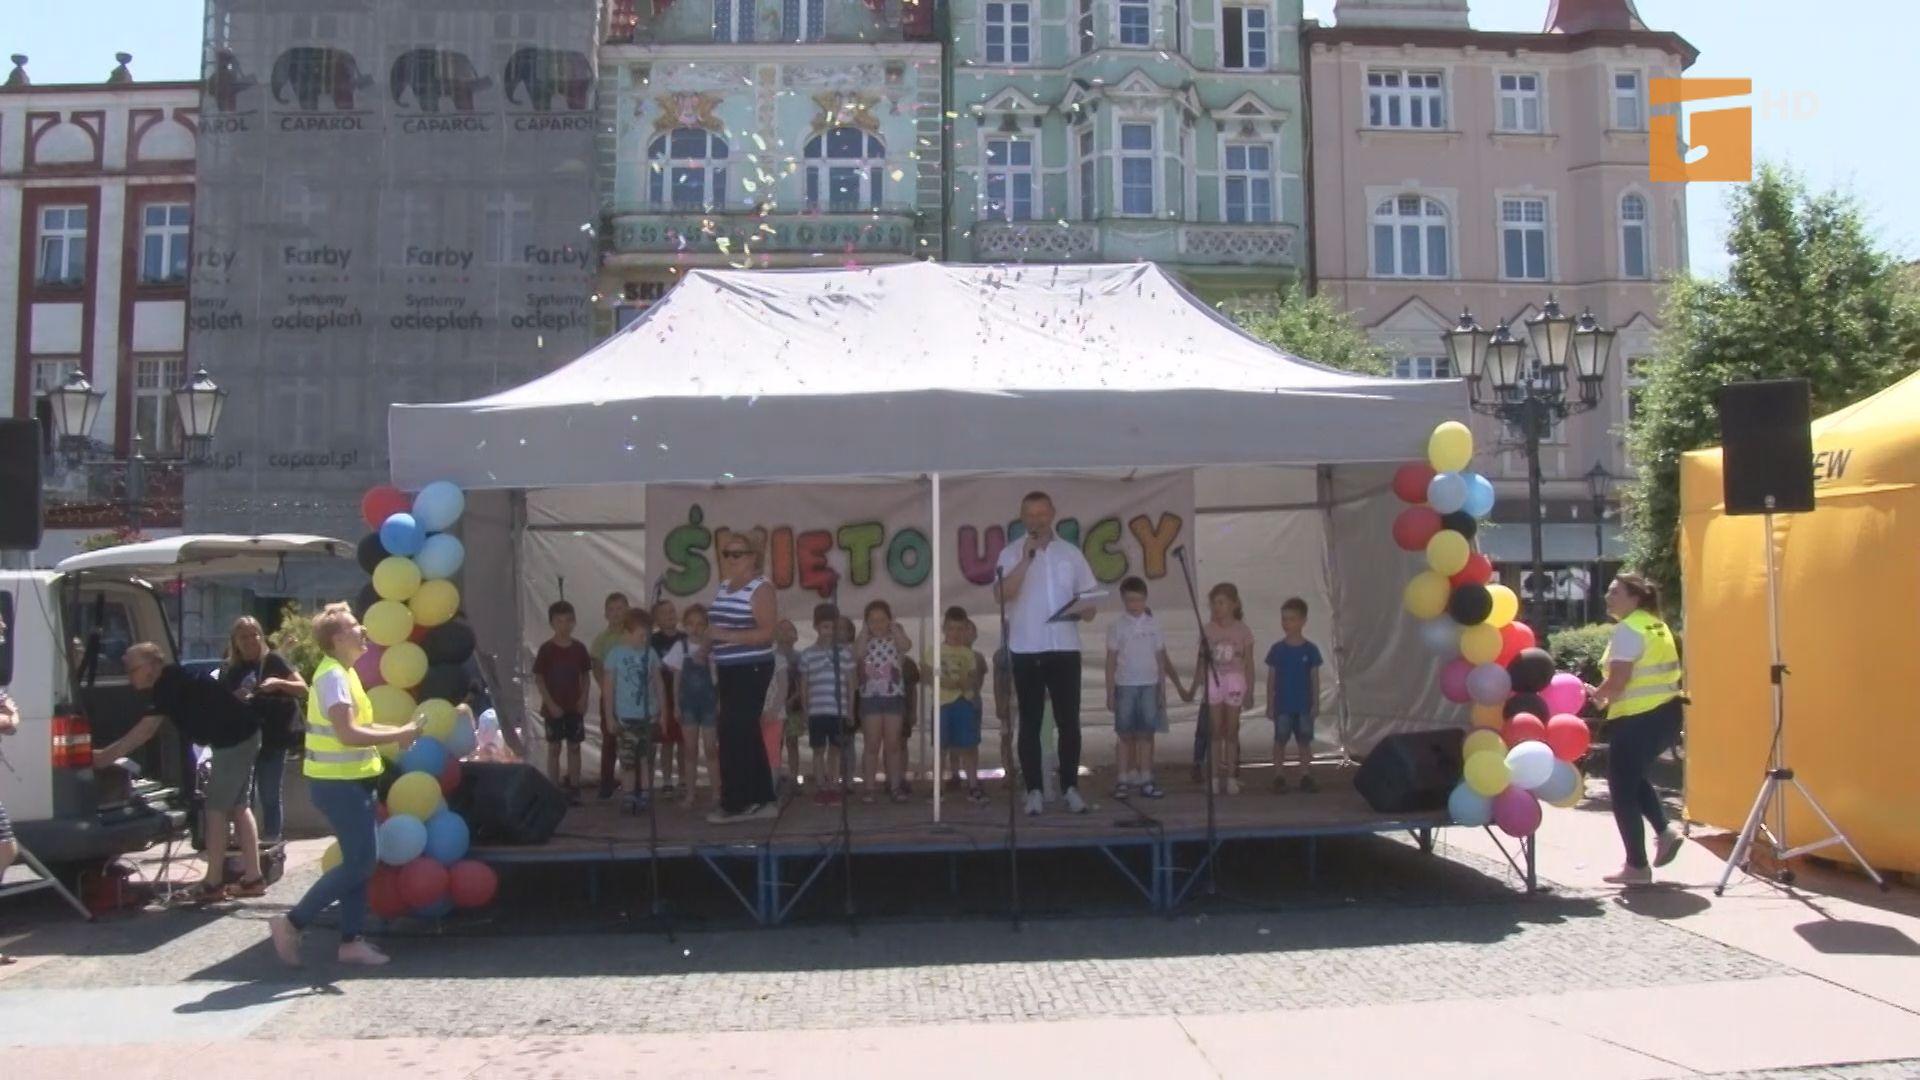 Święto ulicy przebiegło pod znakiem śpiewu i dobrej zabawy